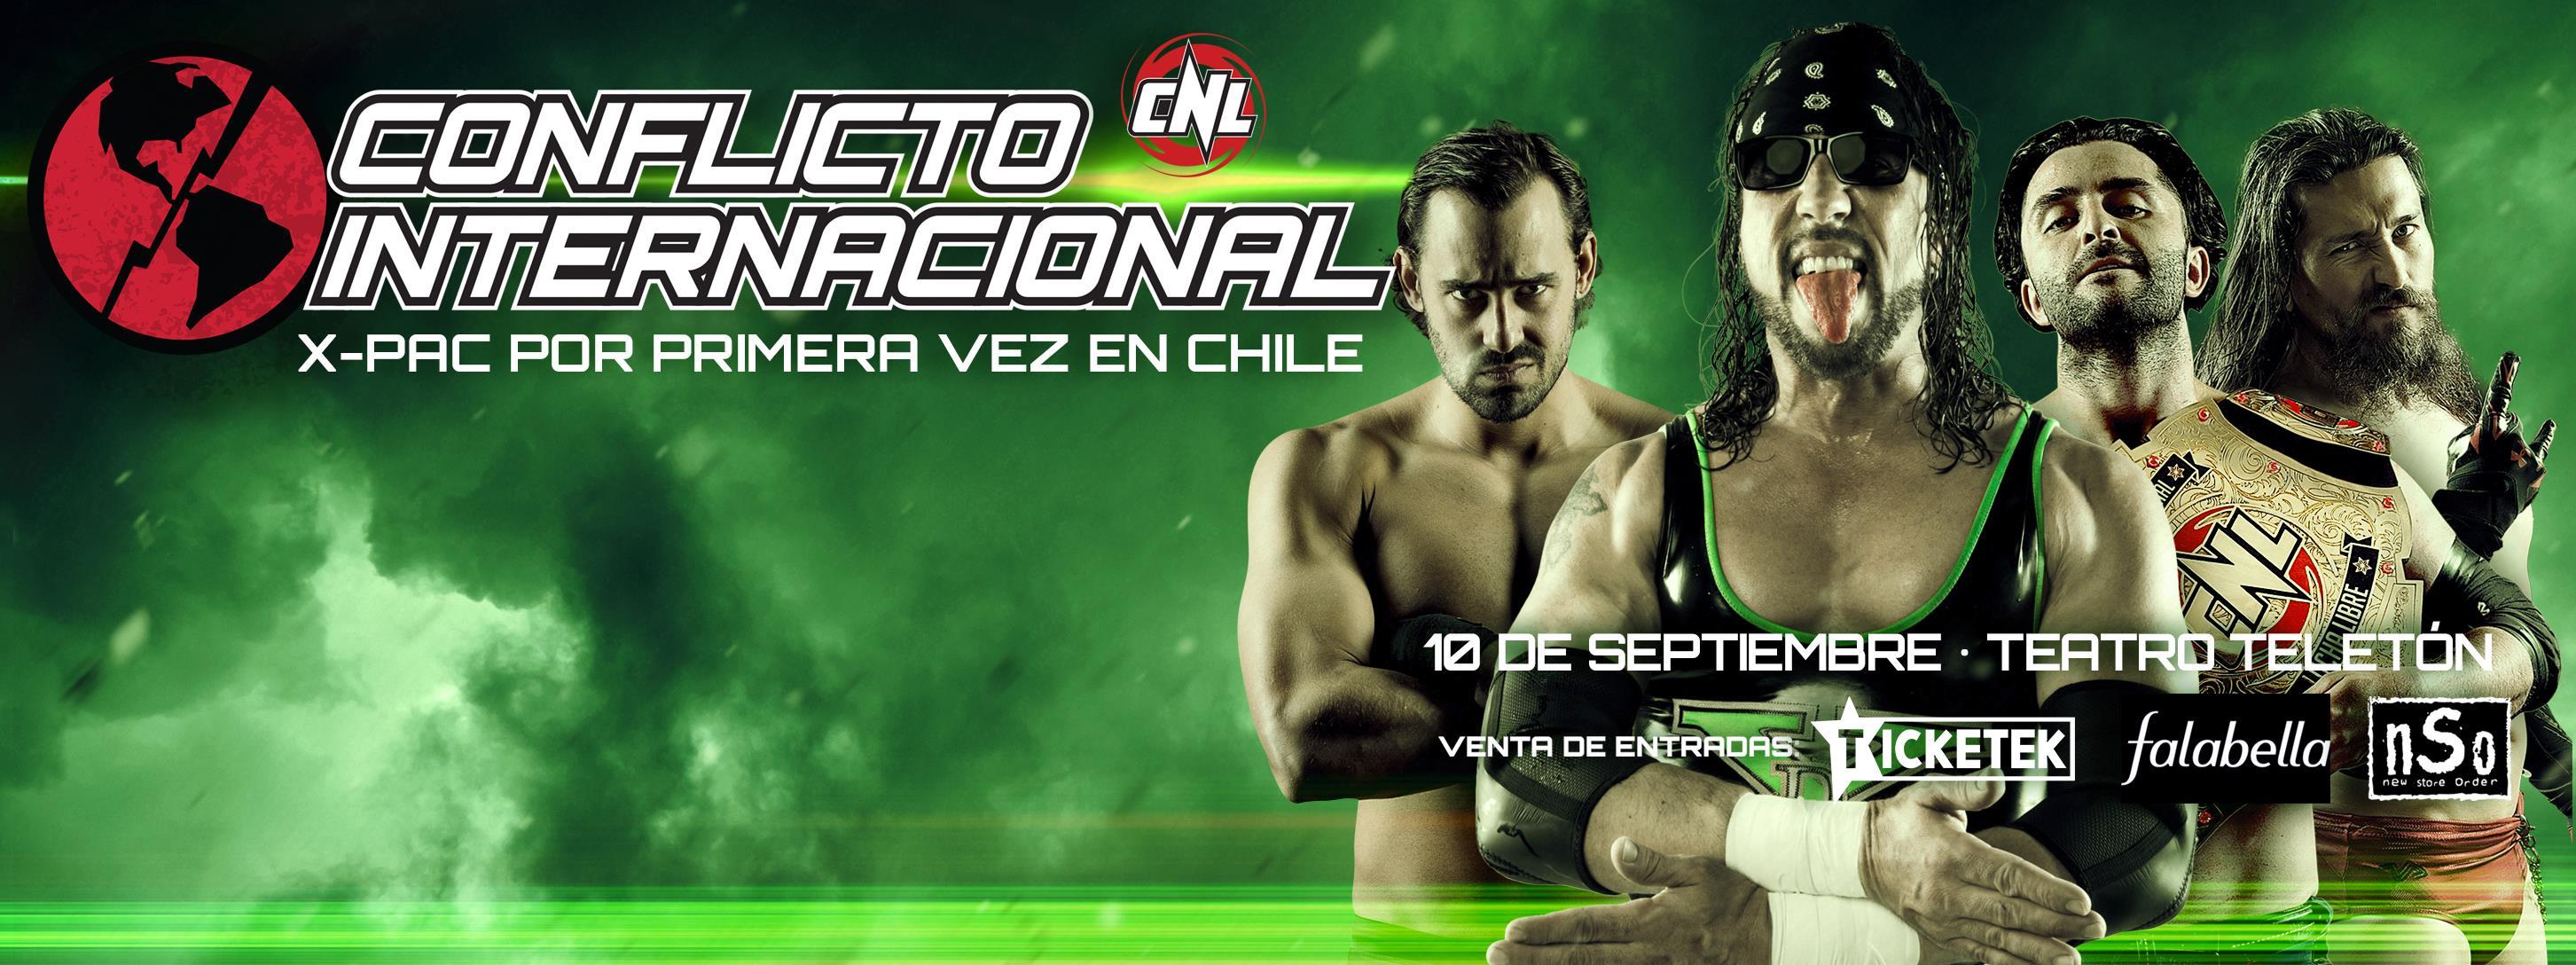 CNL Conflicto Internacional